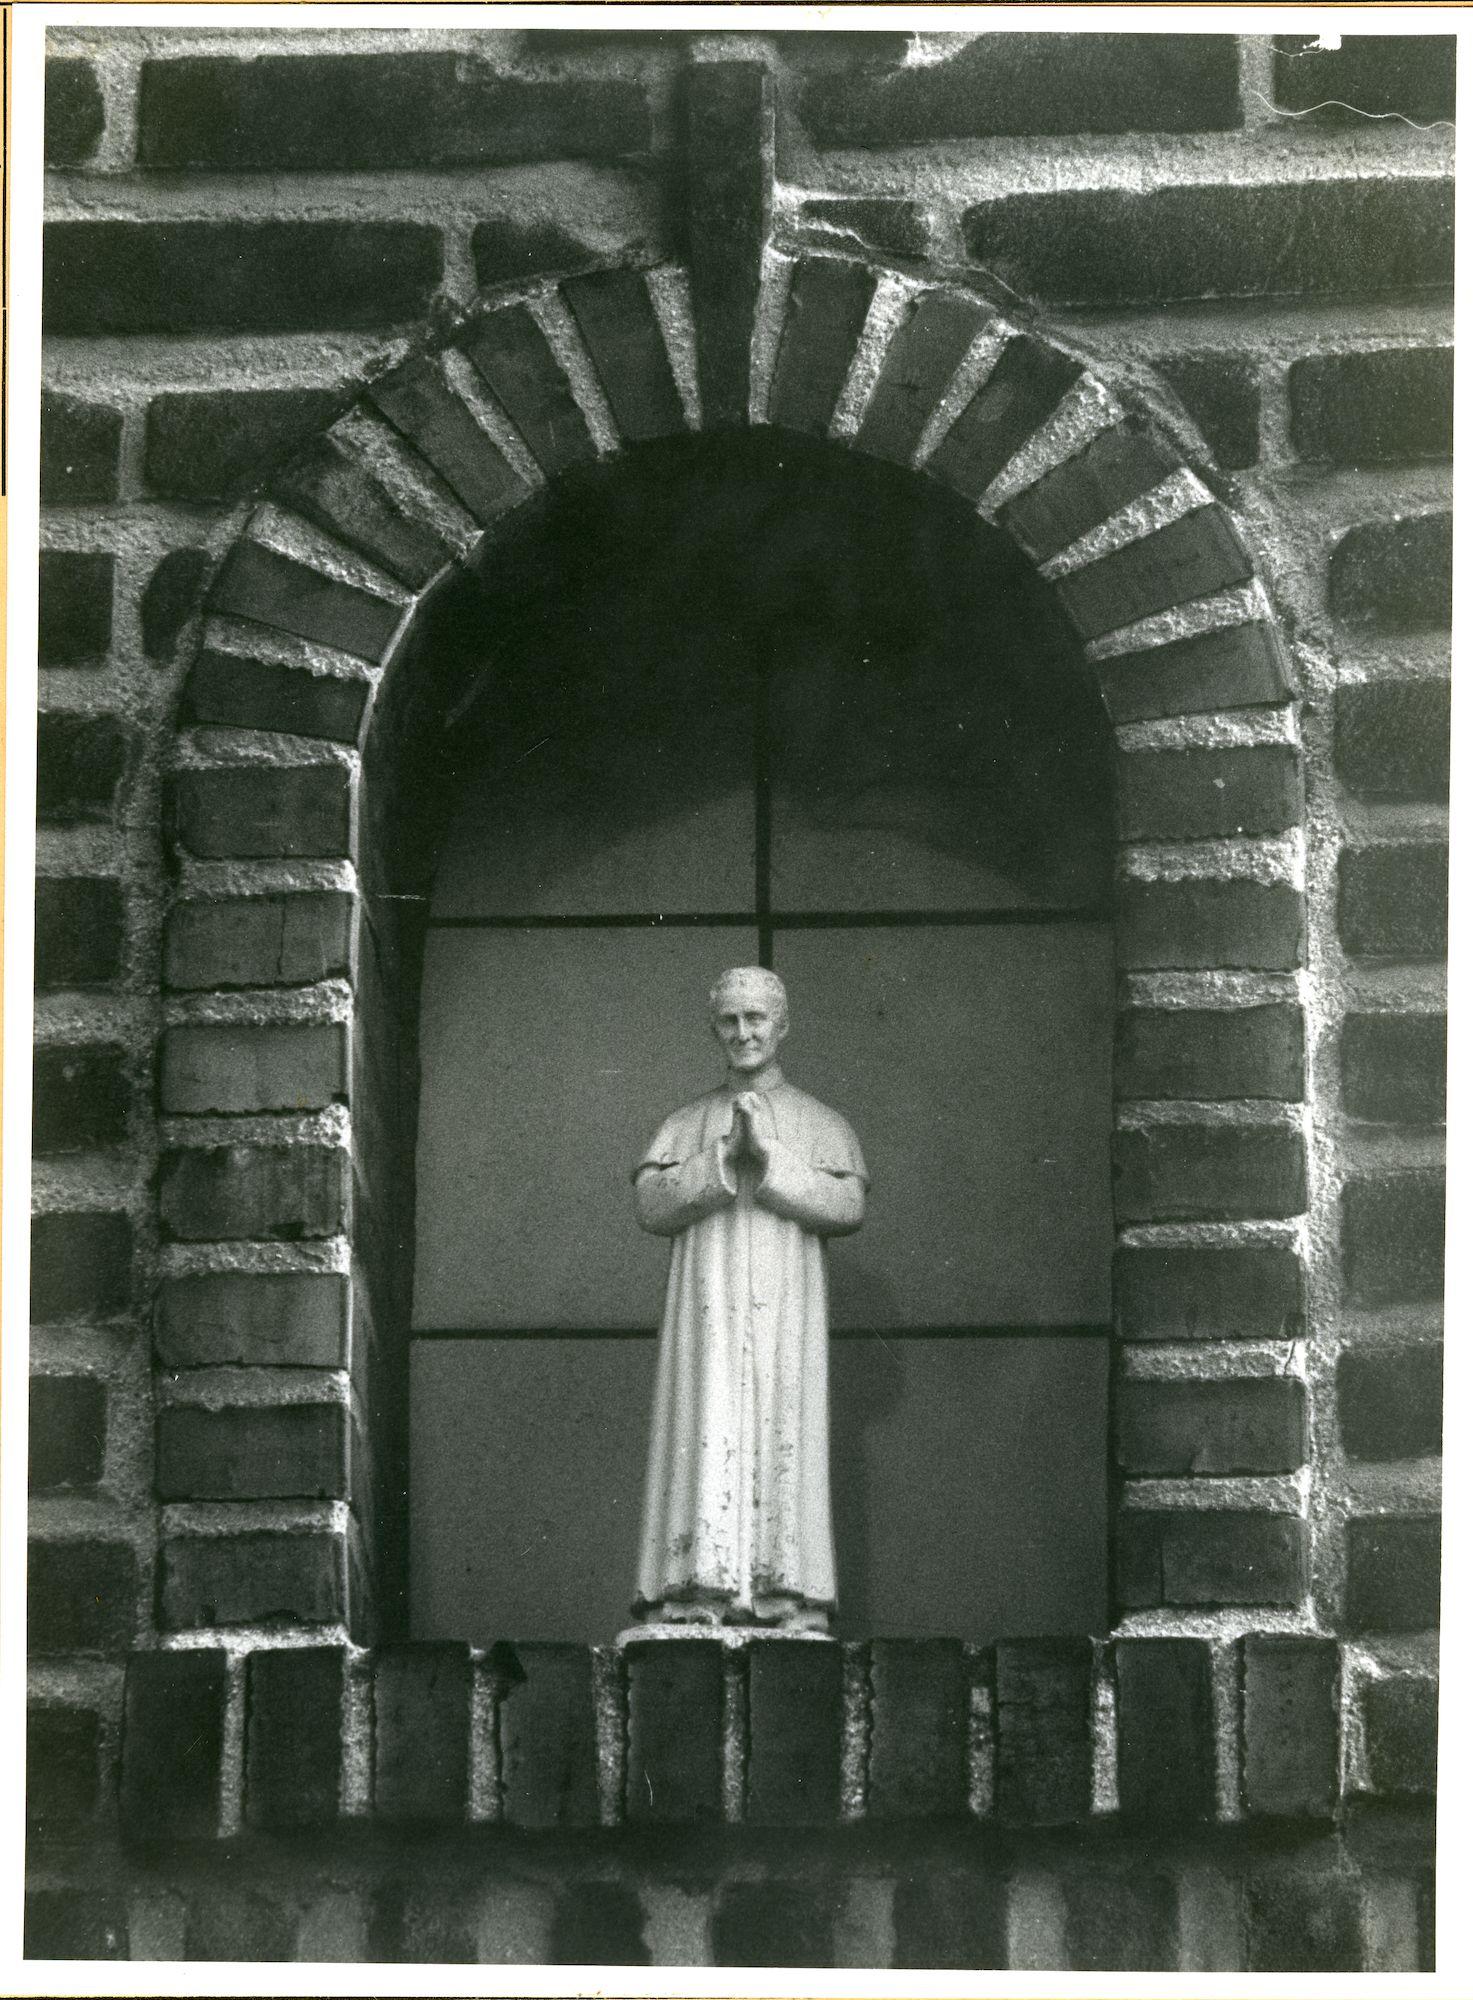 Sint-Denijs-Westrem: Lauwstraat 14: Gevelbeeld, 1979